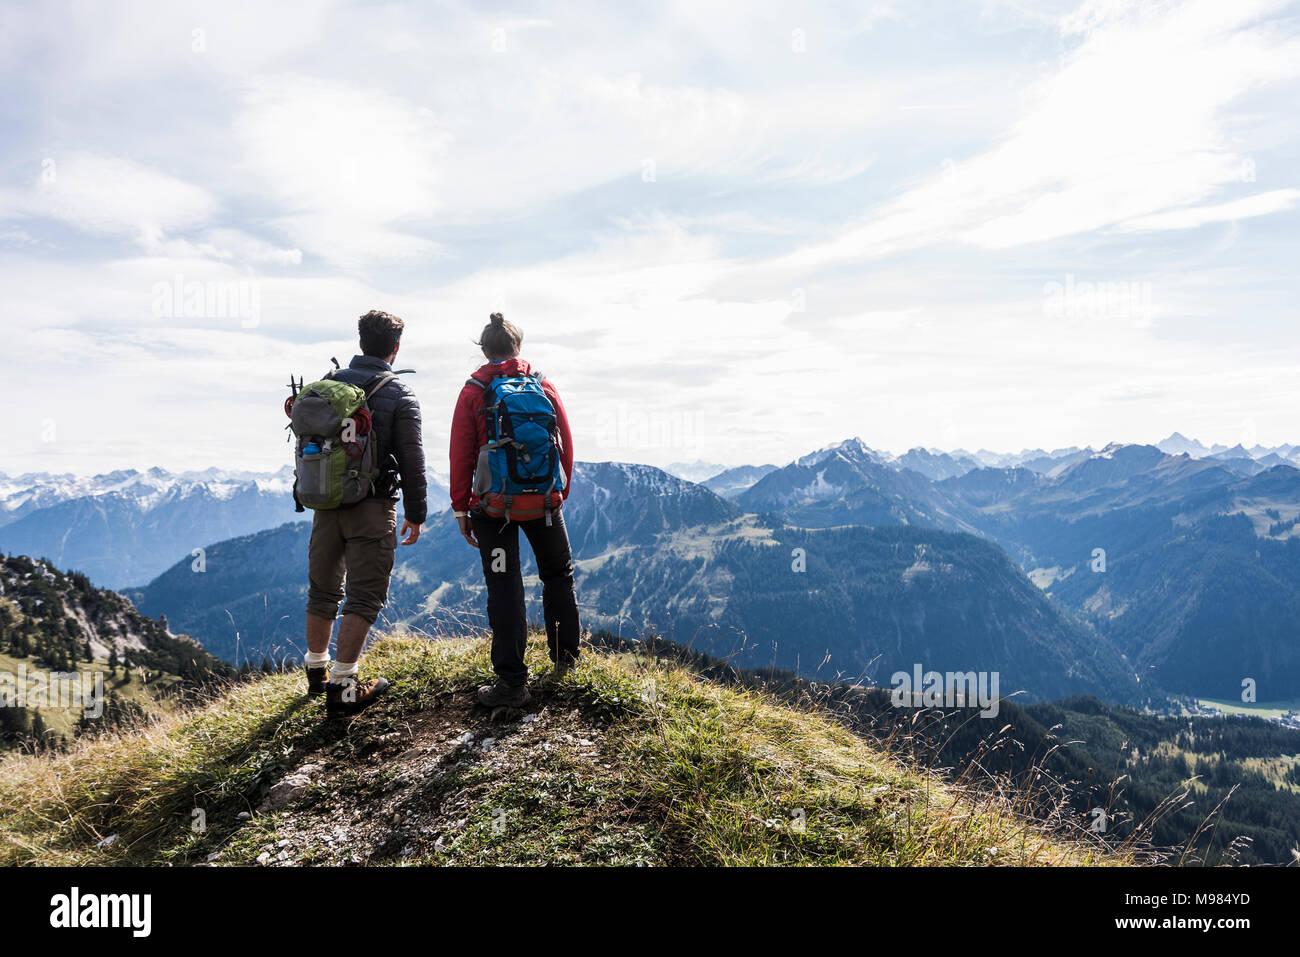 Österreich, Tirol, junges Paar in der Bergwelt zu betrachten Stockbild